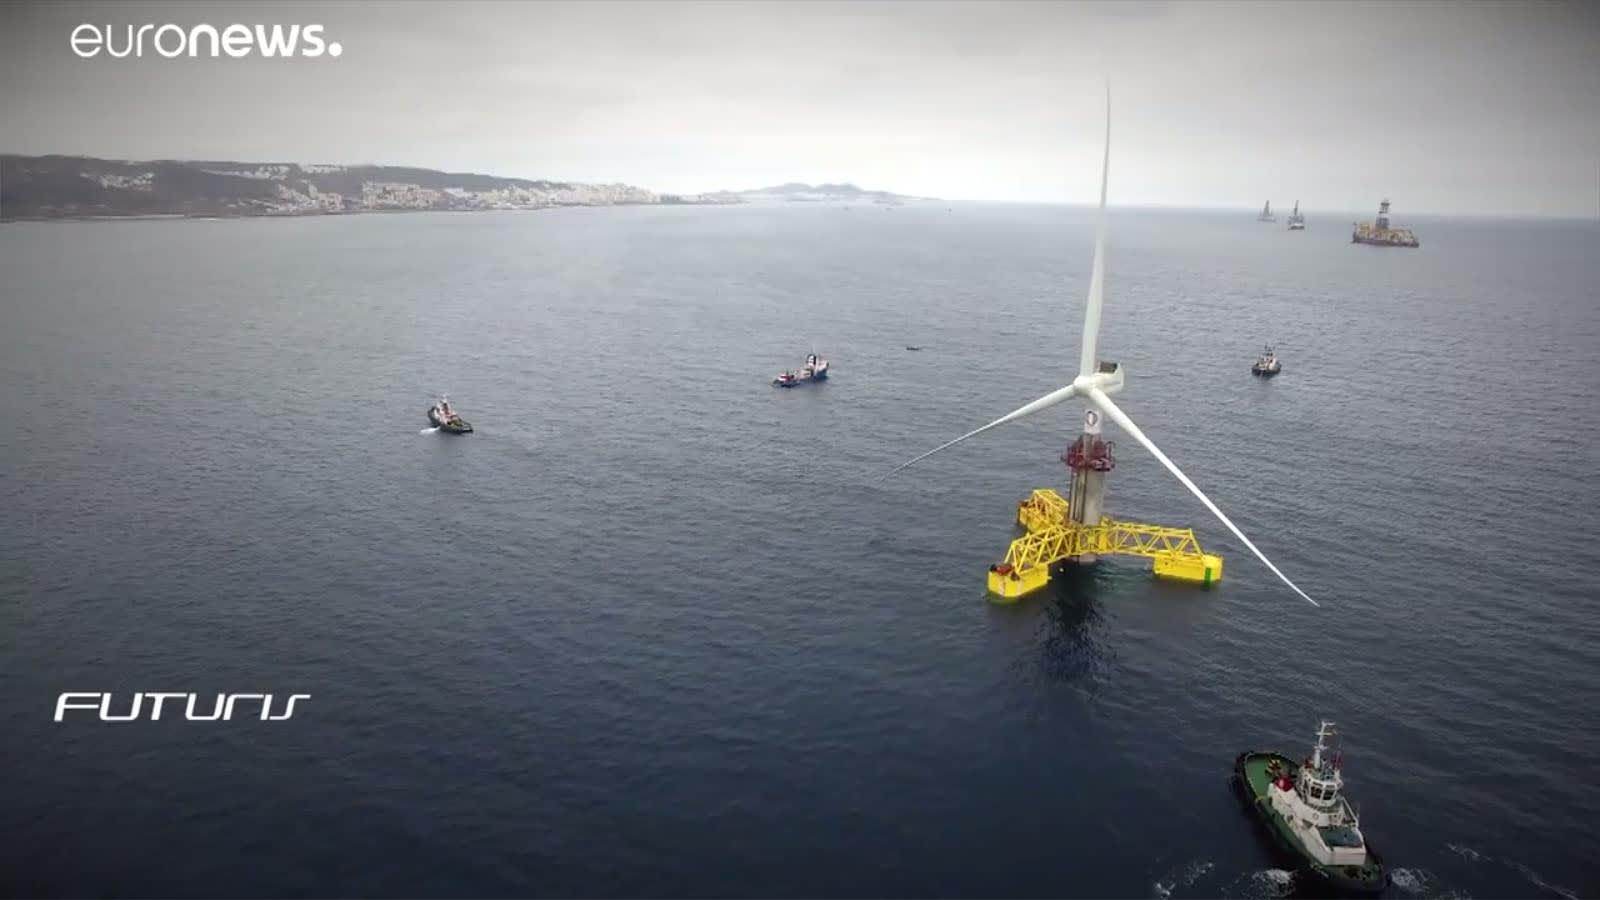 Egy tengeri szélerőmű prototípusa a Kanári-szigeteken | ClimeNews